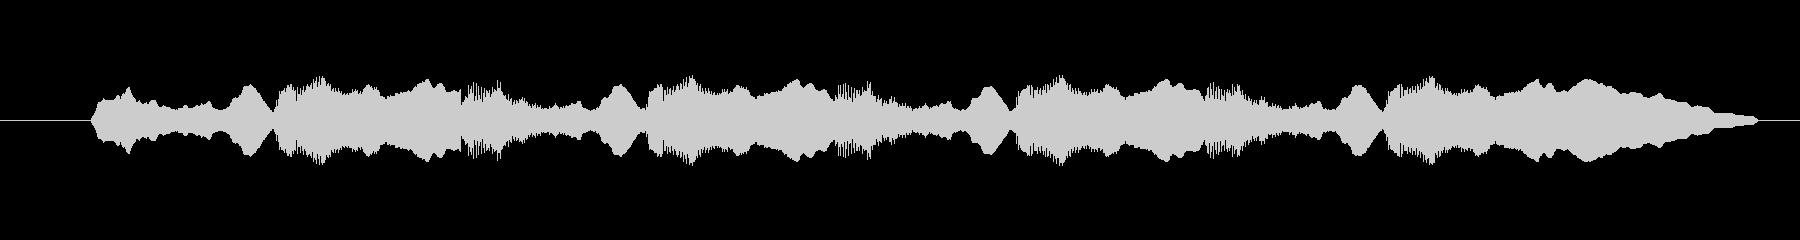 ピーポーピーポーという救急車のサイレン音の未再生の波形